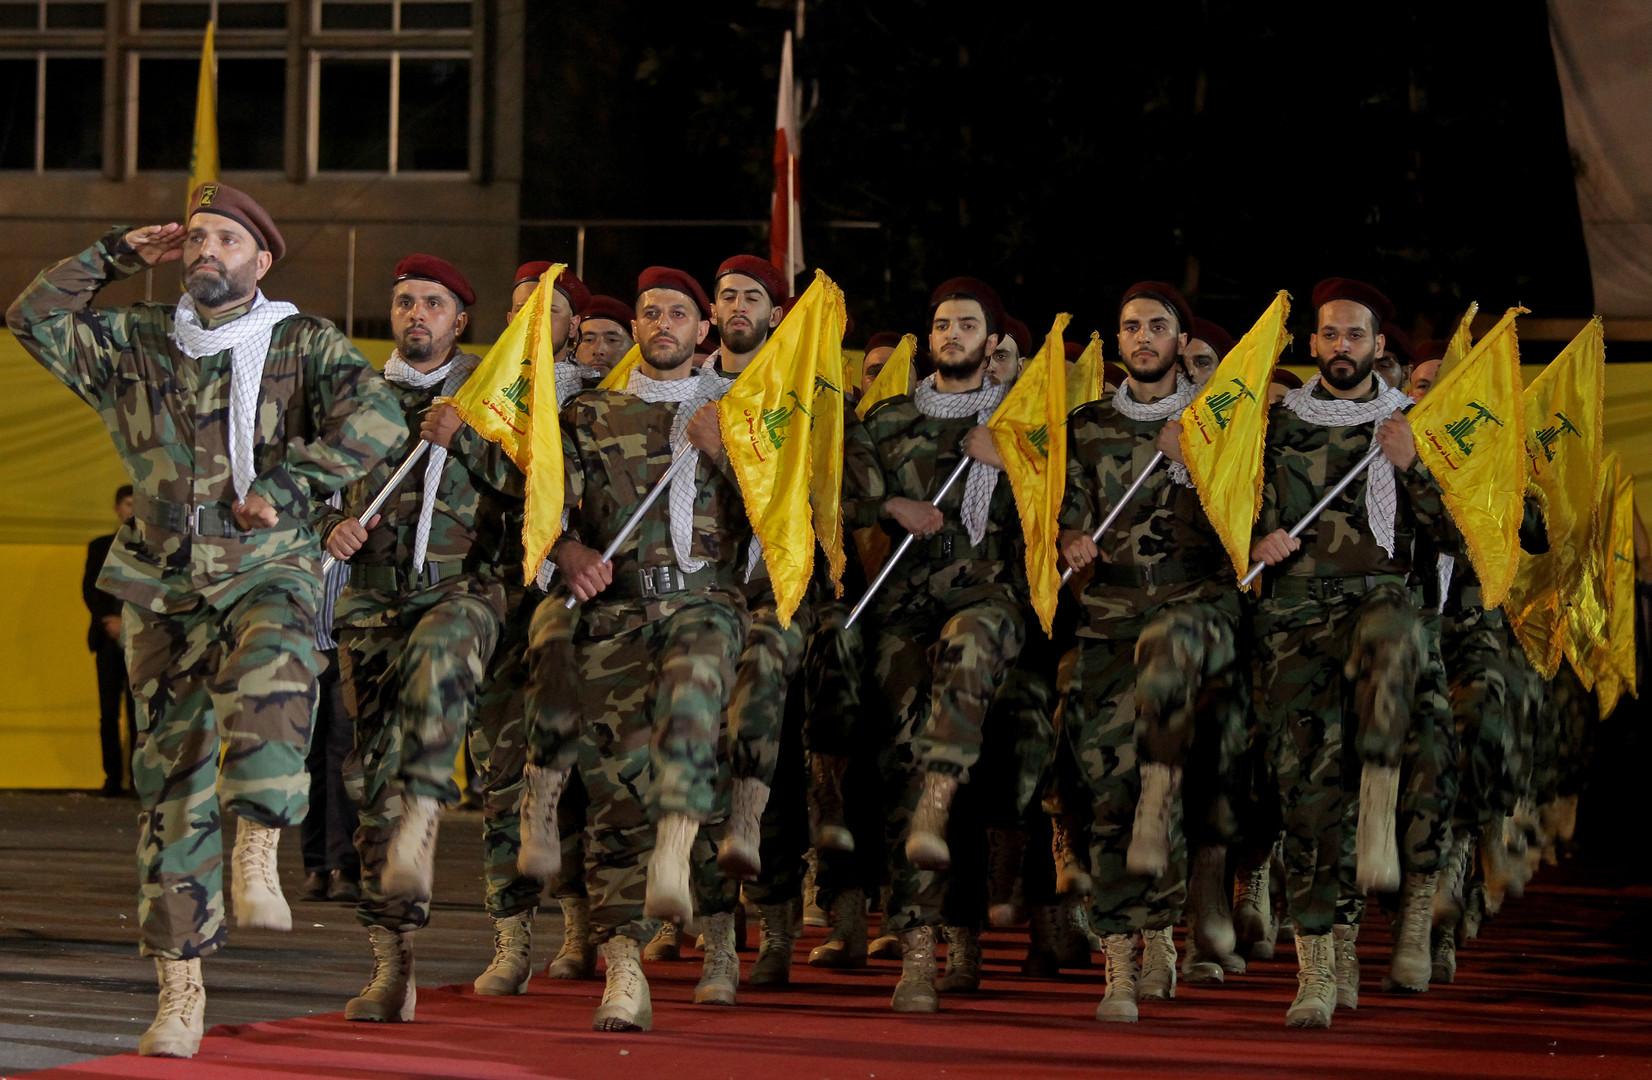 مقاتلو حزب الله يتغلغلون في أمريكا